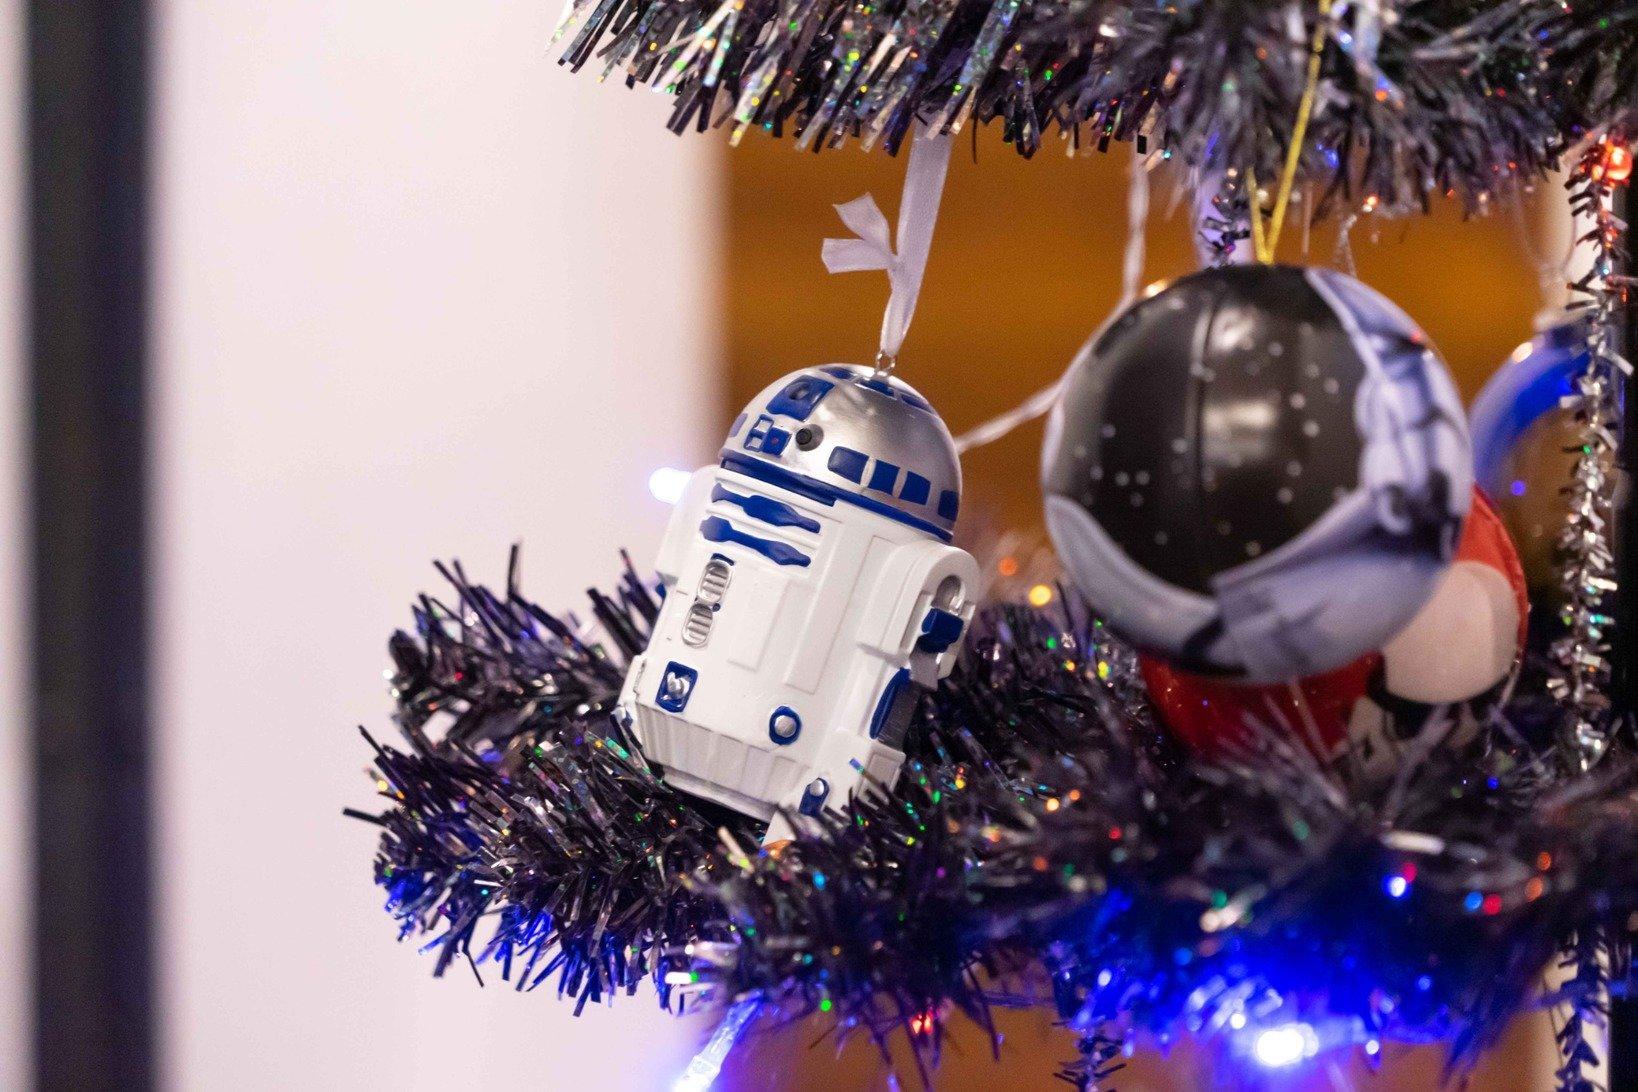 クリスマスシーズンということもあり、会場のツリーにはスター・ウォーズのオーナメントが飾られていました。